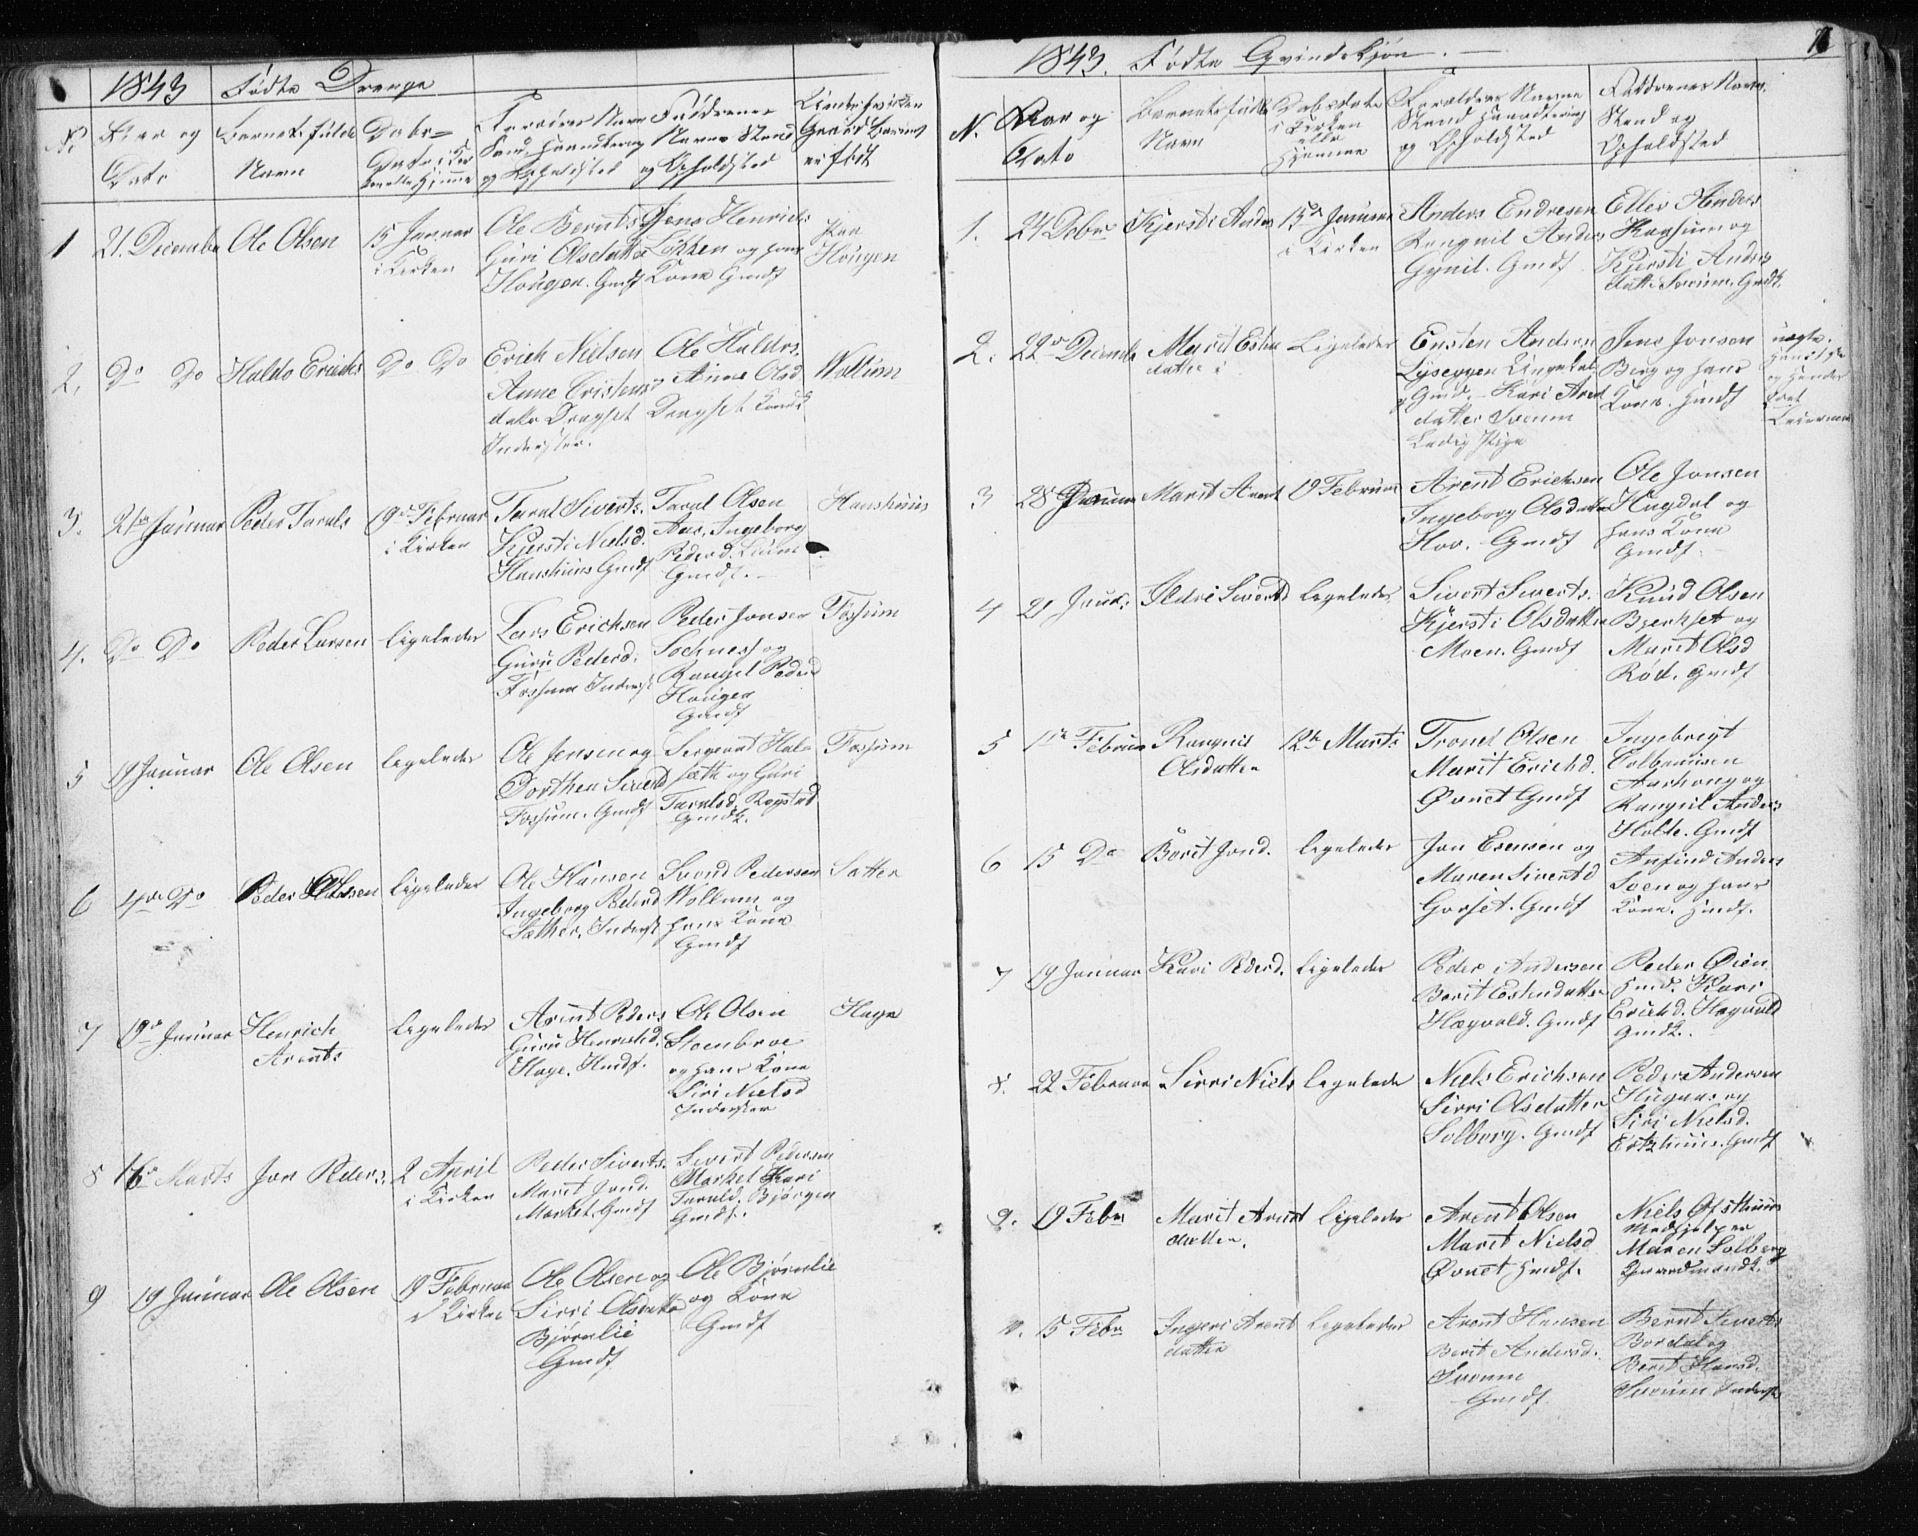 SAT, Ministerialprotokoller, klokkerbøker og fødselsregistre - Sør-Trøndelag, 689/L1043: Klokkerbok nr. 689C02, 1816-1892, s. 77